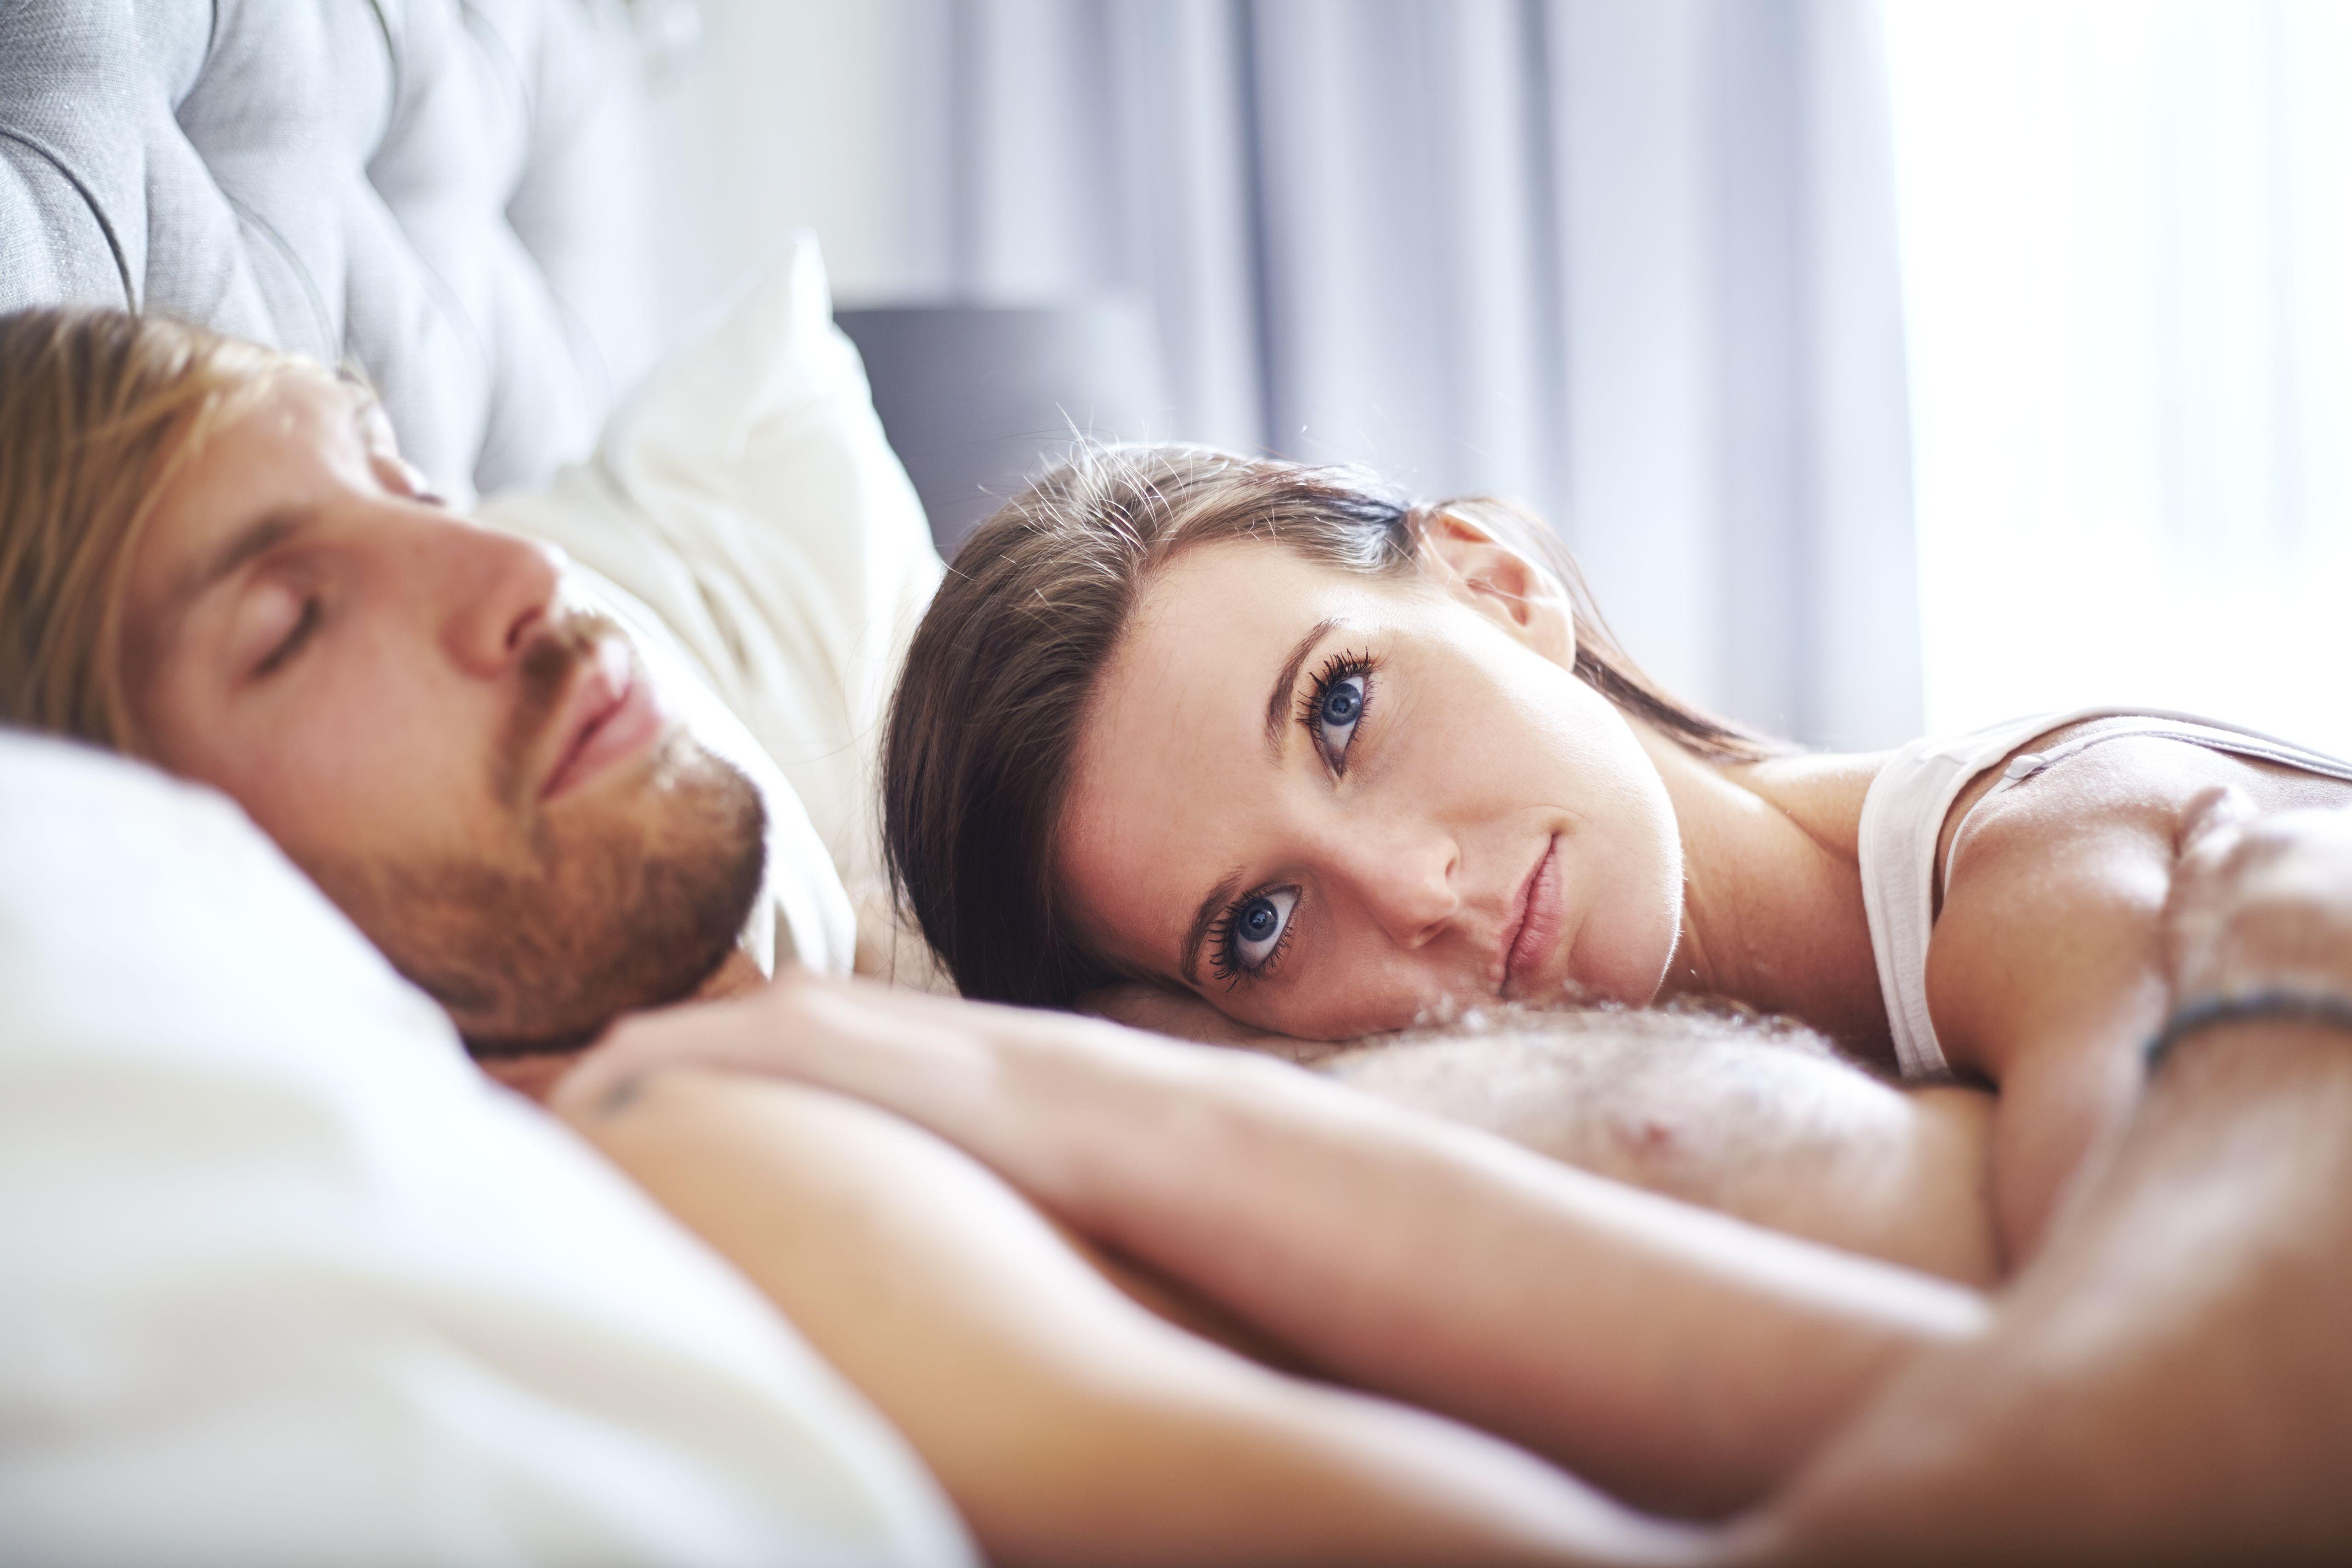 Relaciones sexuales dolorosas tras una cesárea